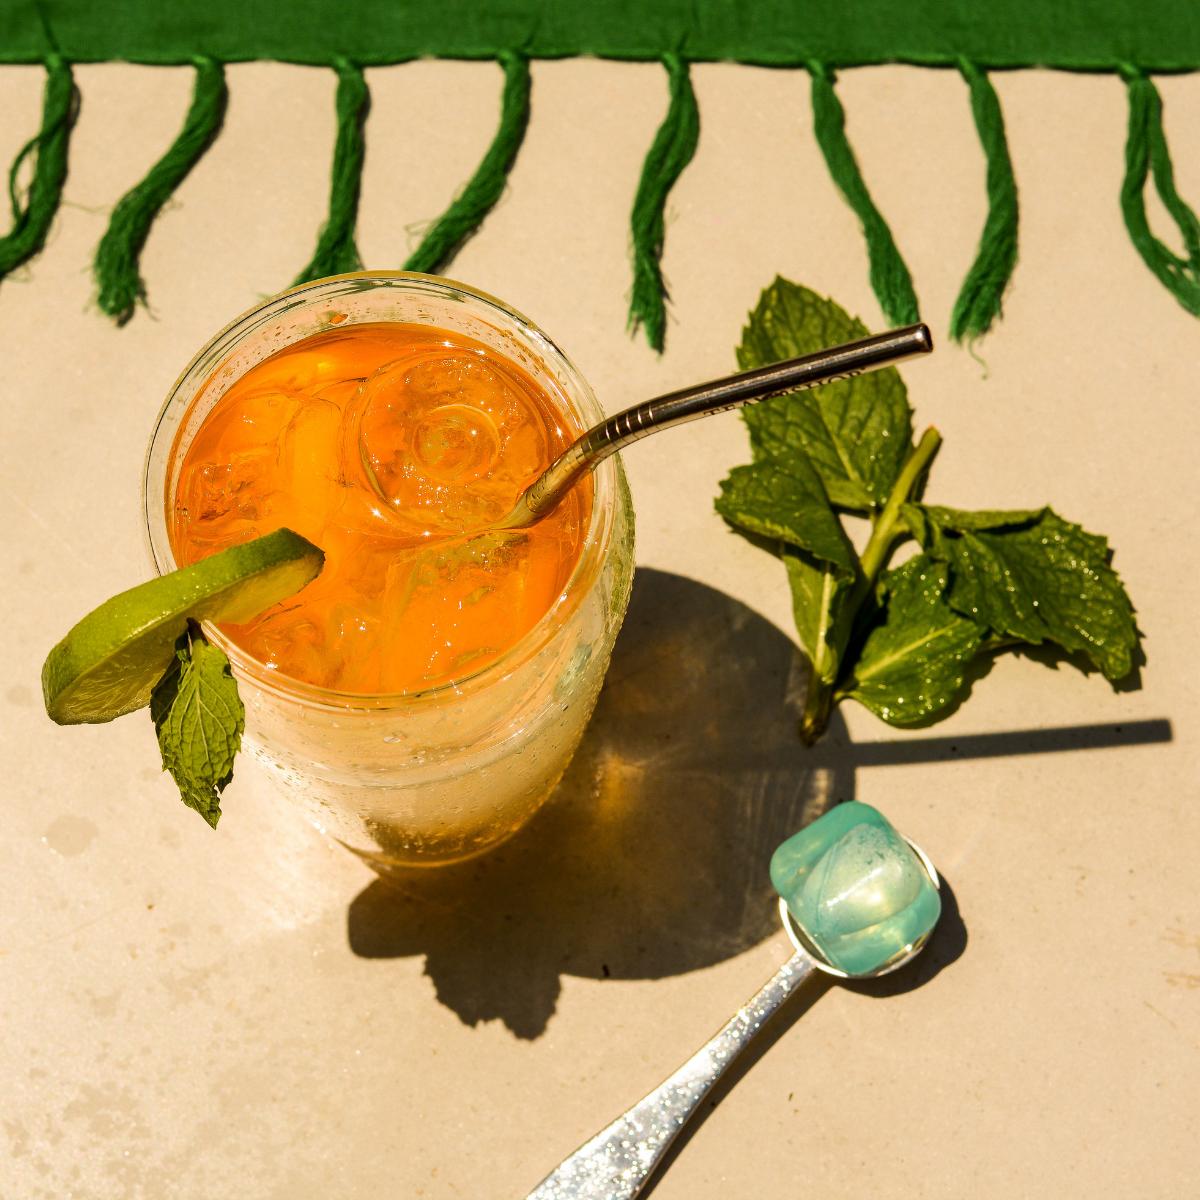 Imagem - Iced Teas: um up de refrescância no seu verão